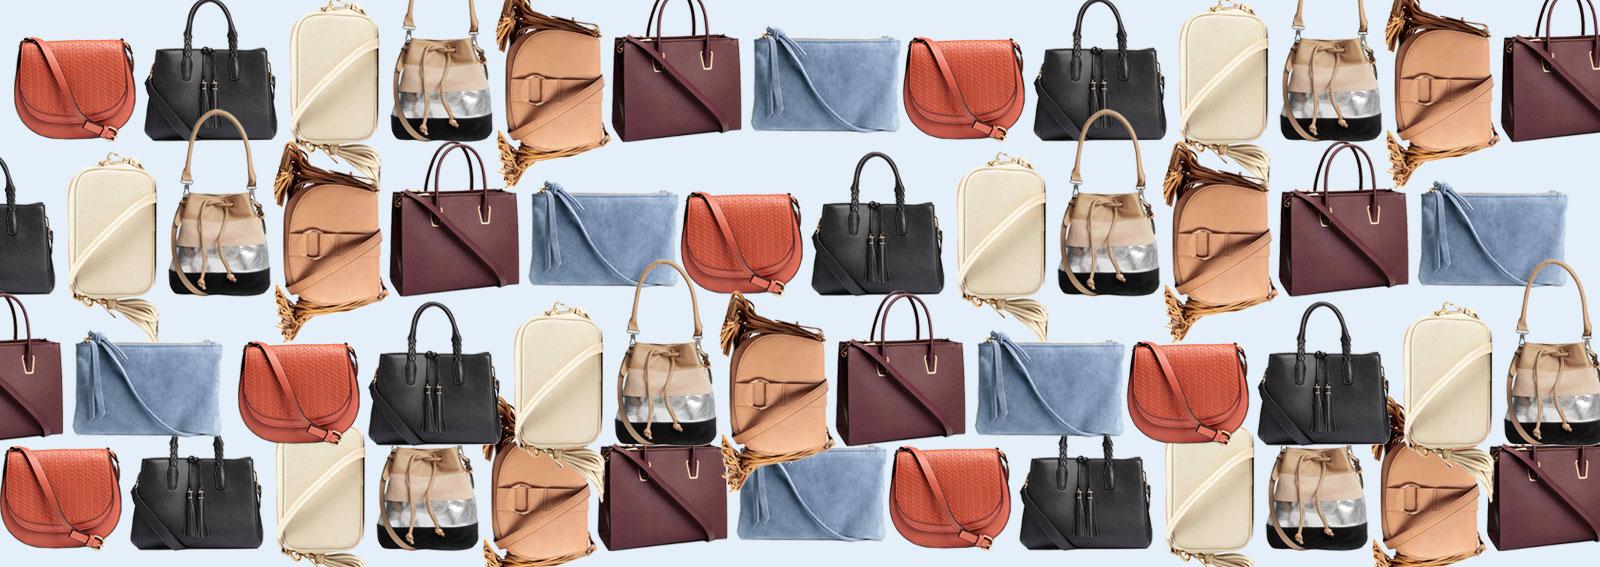 cover borse h&m 15 modelli da scegliere dekstop